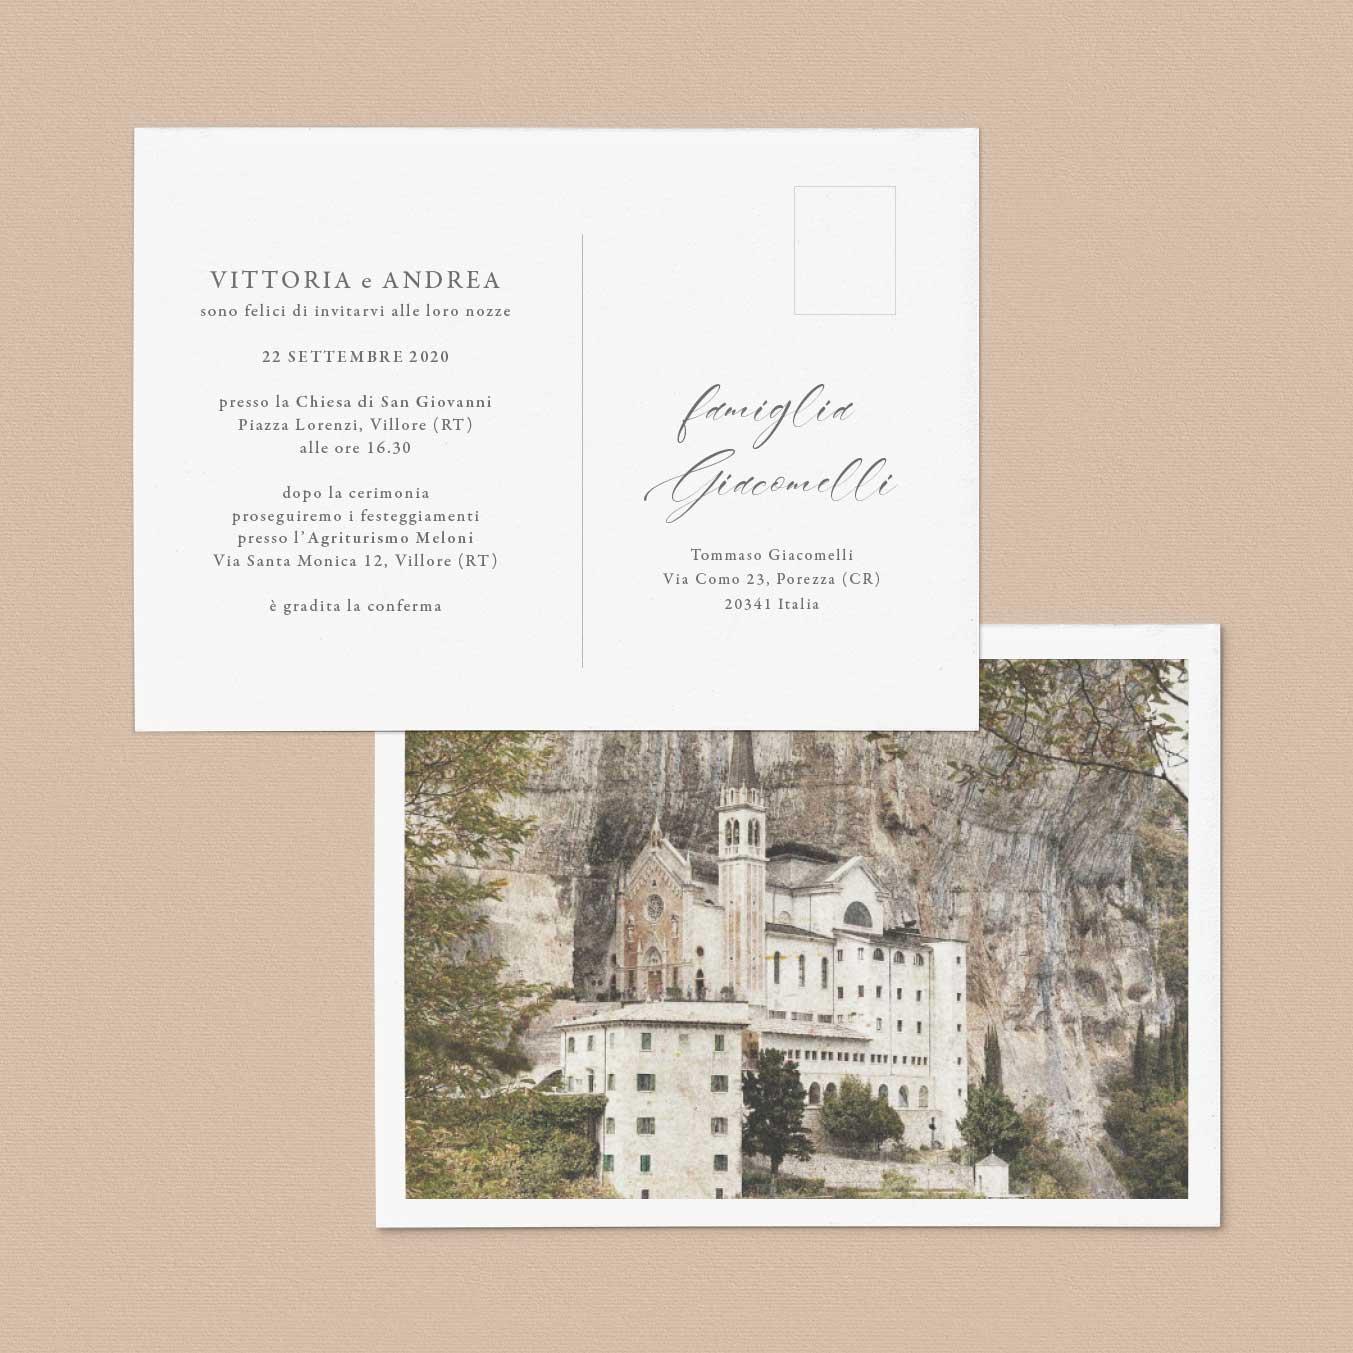 Invito-partecipazione-matrimonio-nozze-cartolina-postcard-vintage-fotografia-fotografica-particolare-originale-idea